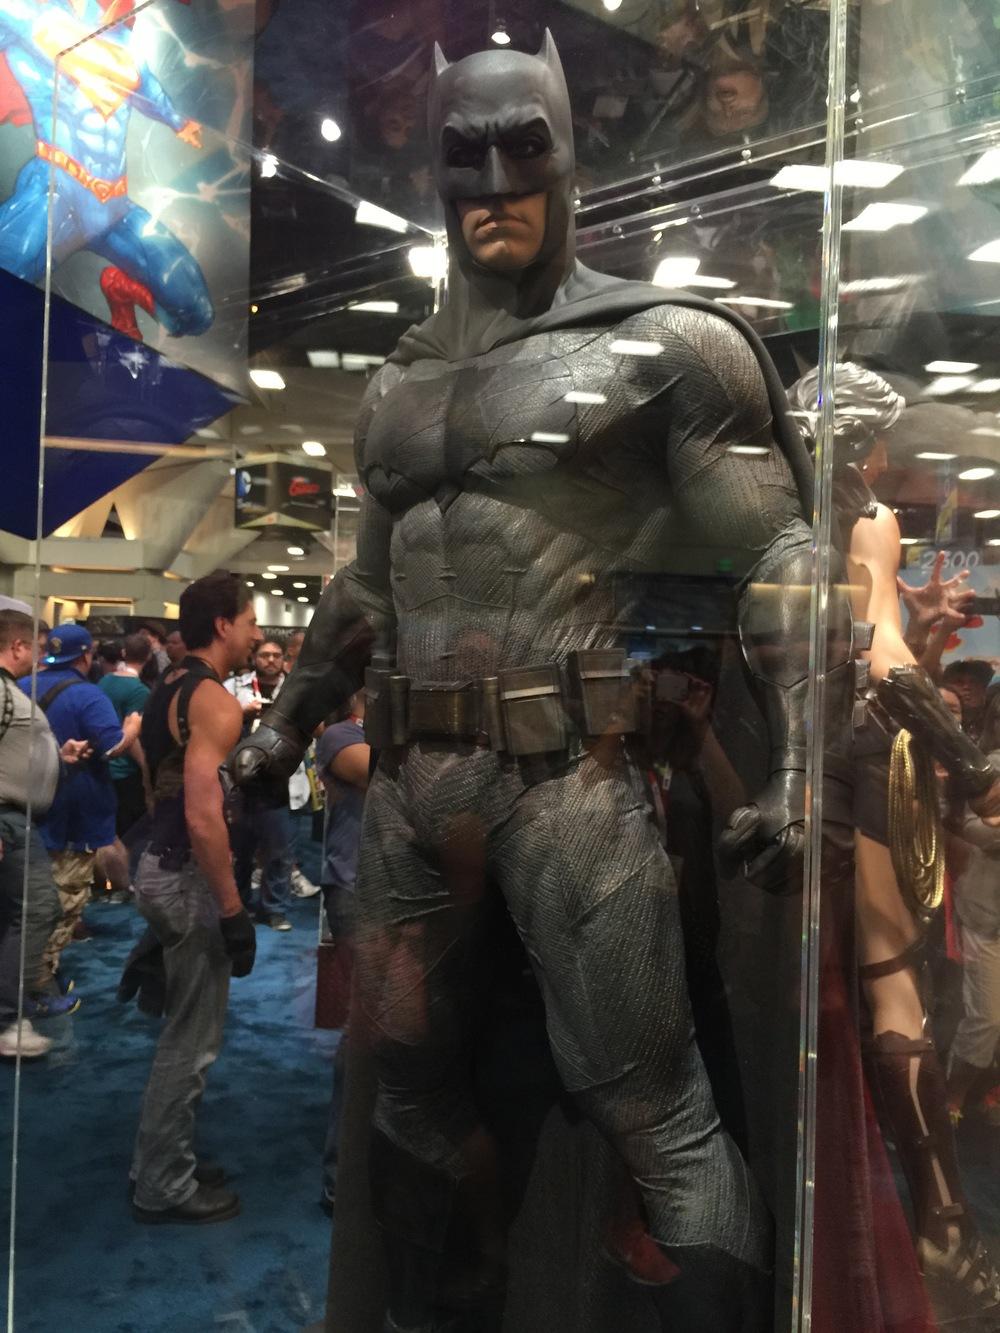 batman-v-superman-batman-armor-costumes-weapons-prop-photos20